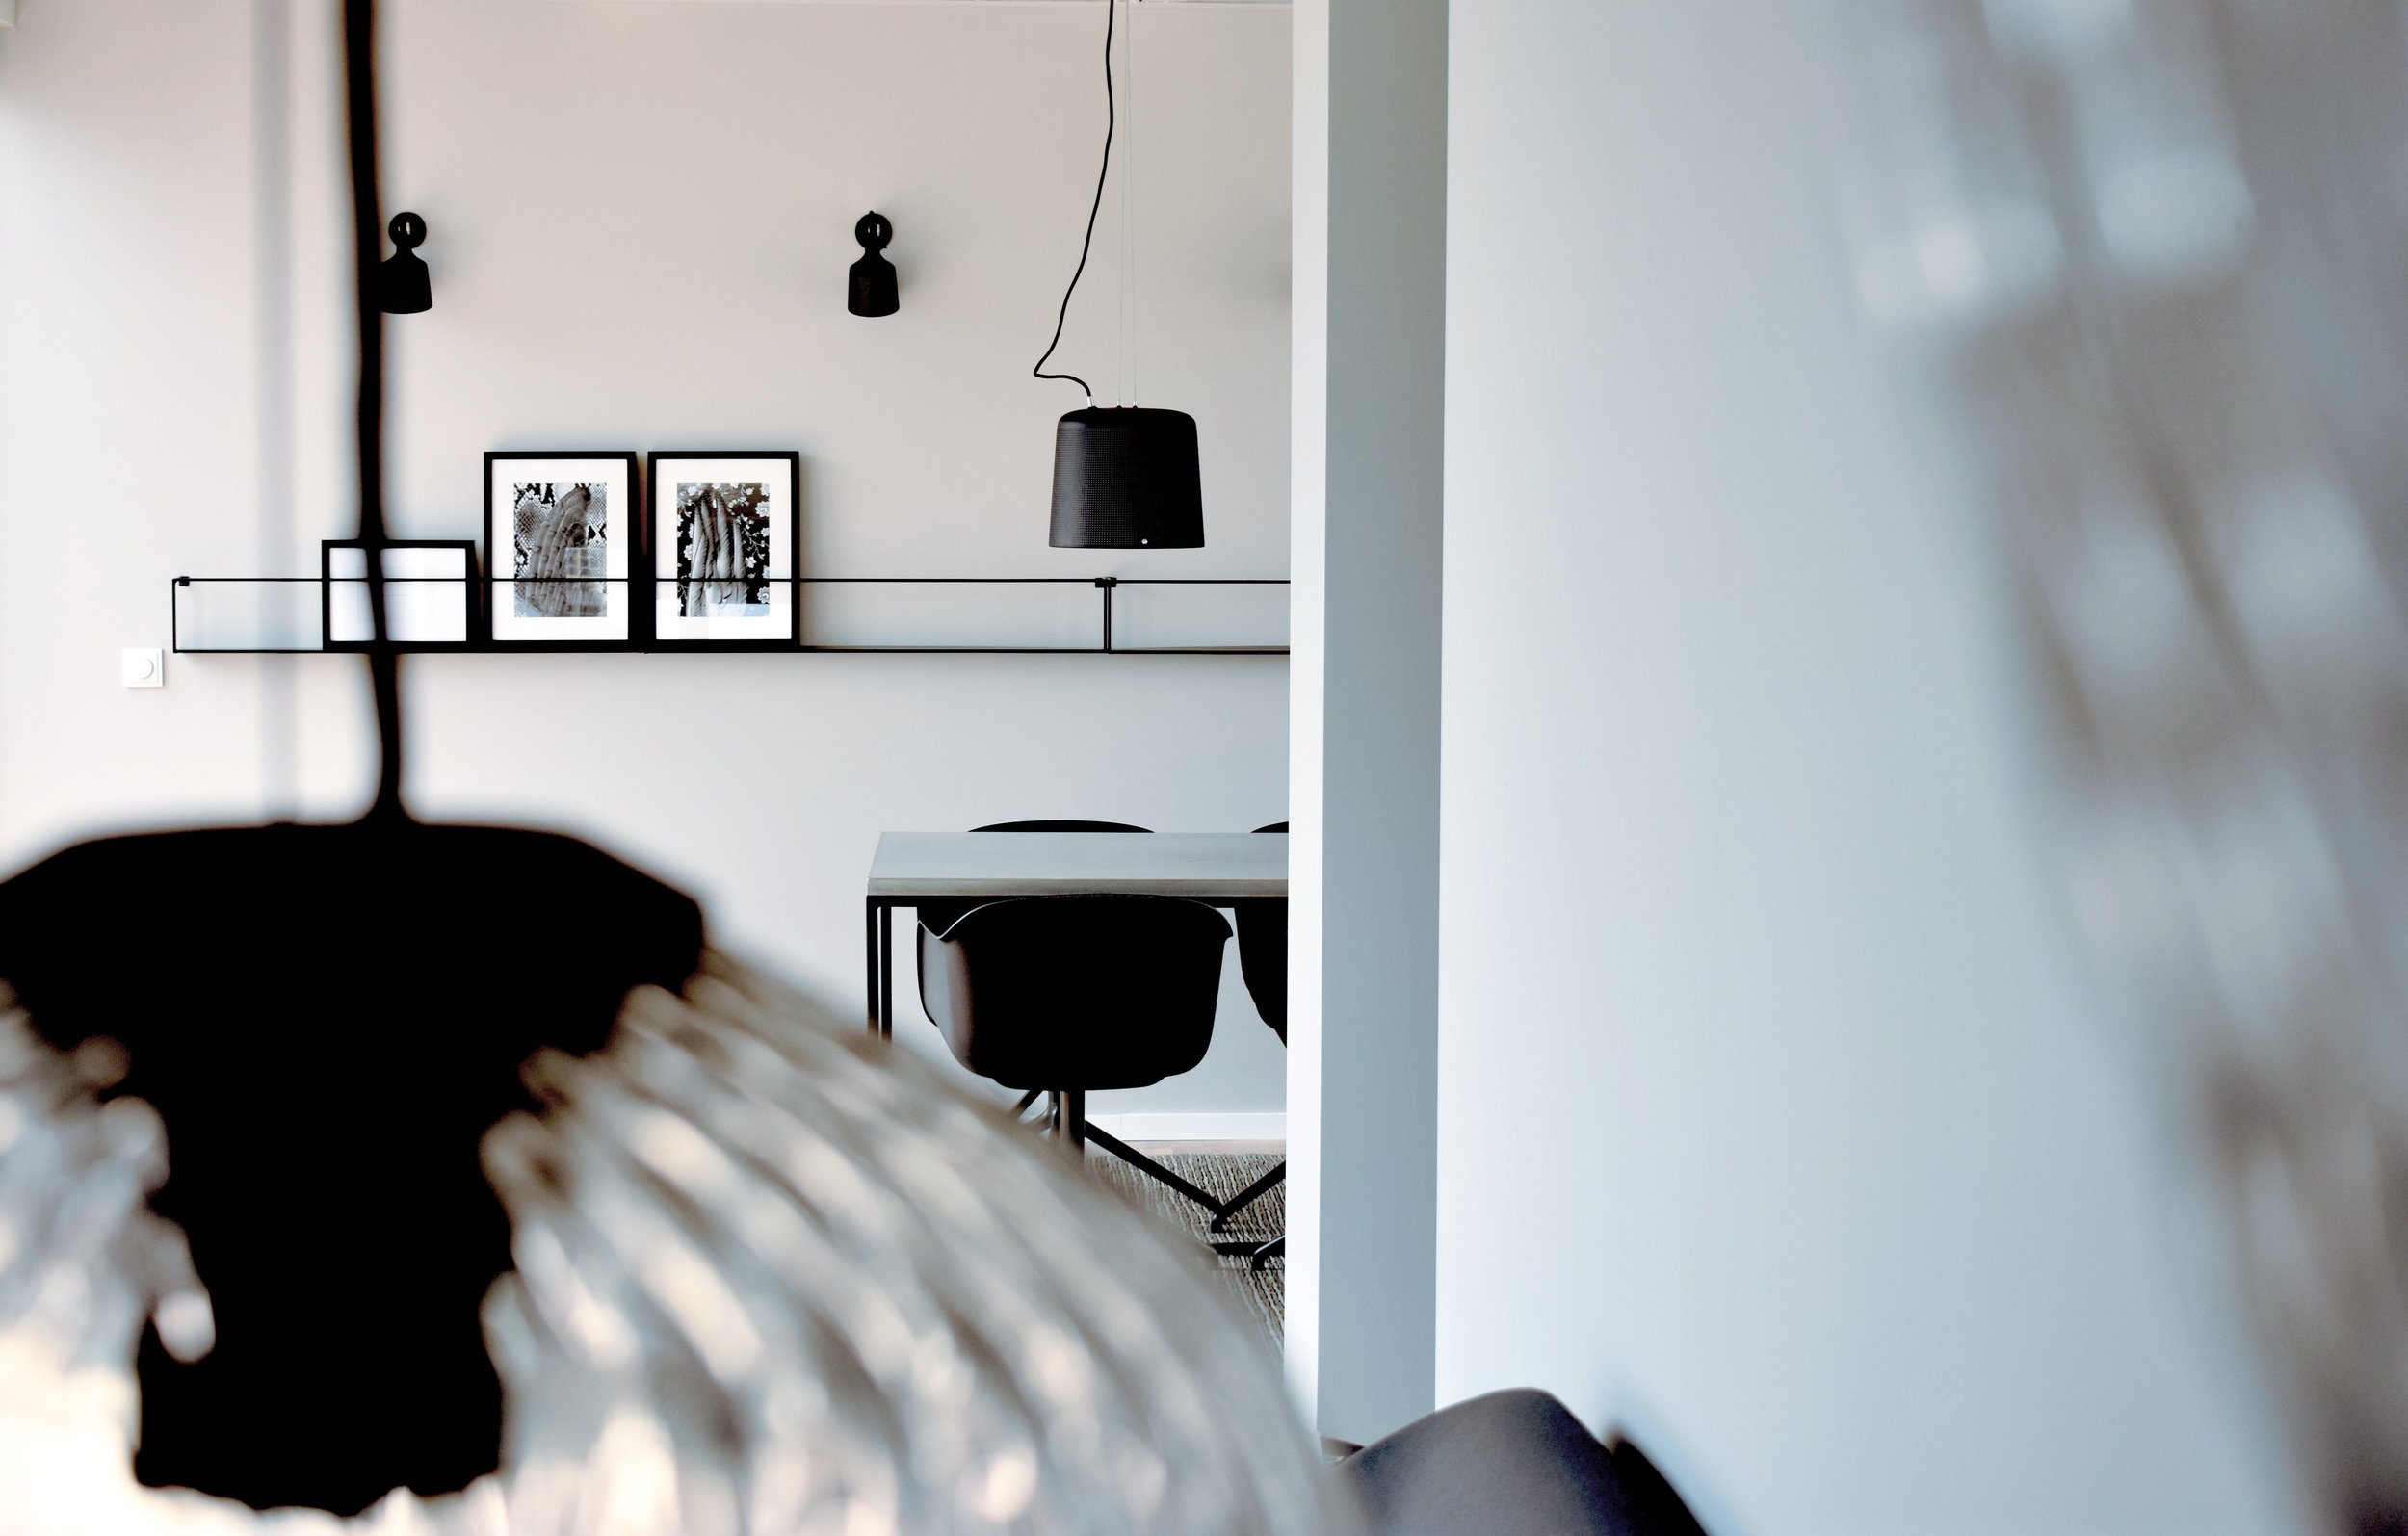 Berlin Mitte I Roomanize   Zusammen mit Felix von Roomanize haben wir für einen Bauträger in Berlin einen Showcontainer ausgestattet. Hier ging es darum, Möbel von Woodboom neben Muuto und Vipp mit in ein gemeinsames Konzept zu integrieren. Realisiert haben wir den kompletten Einkauf und die Ausstattung der Container Ansammlung.